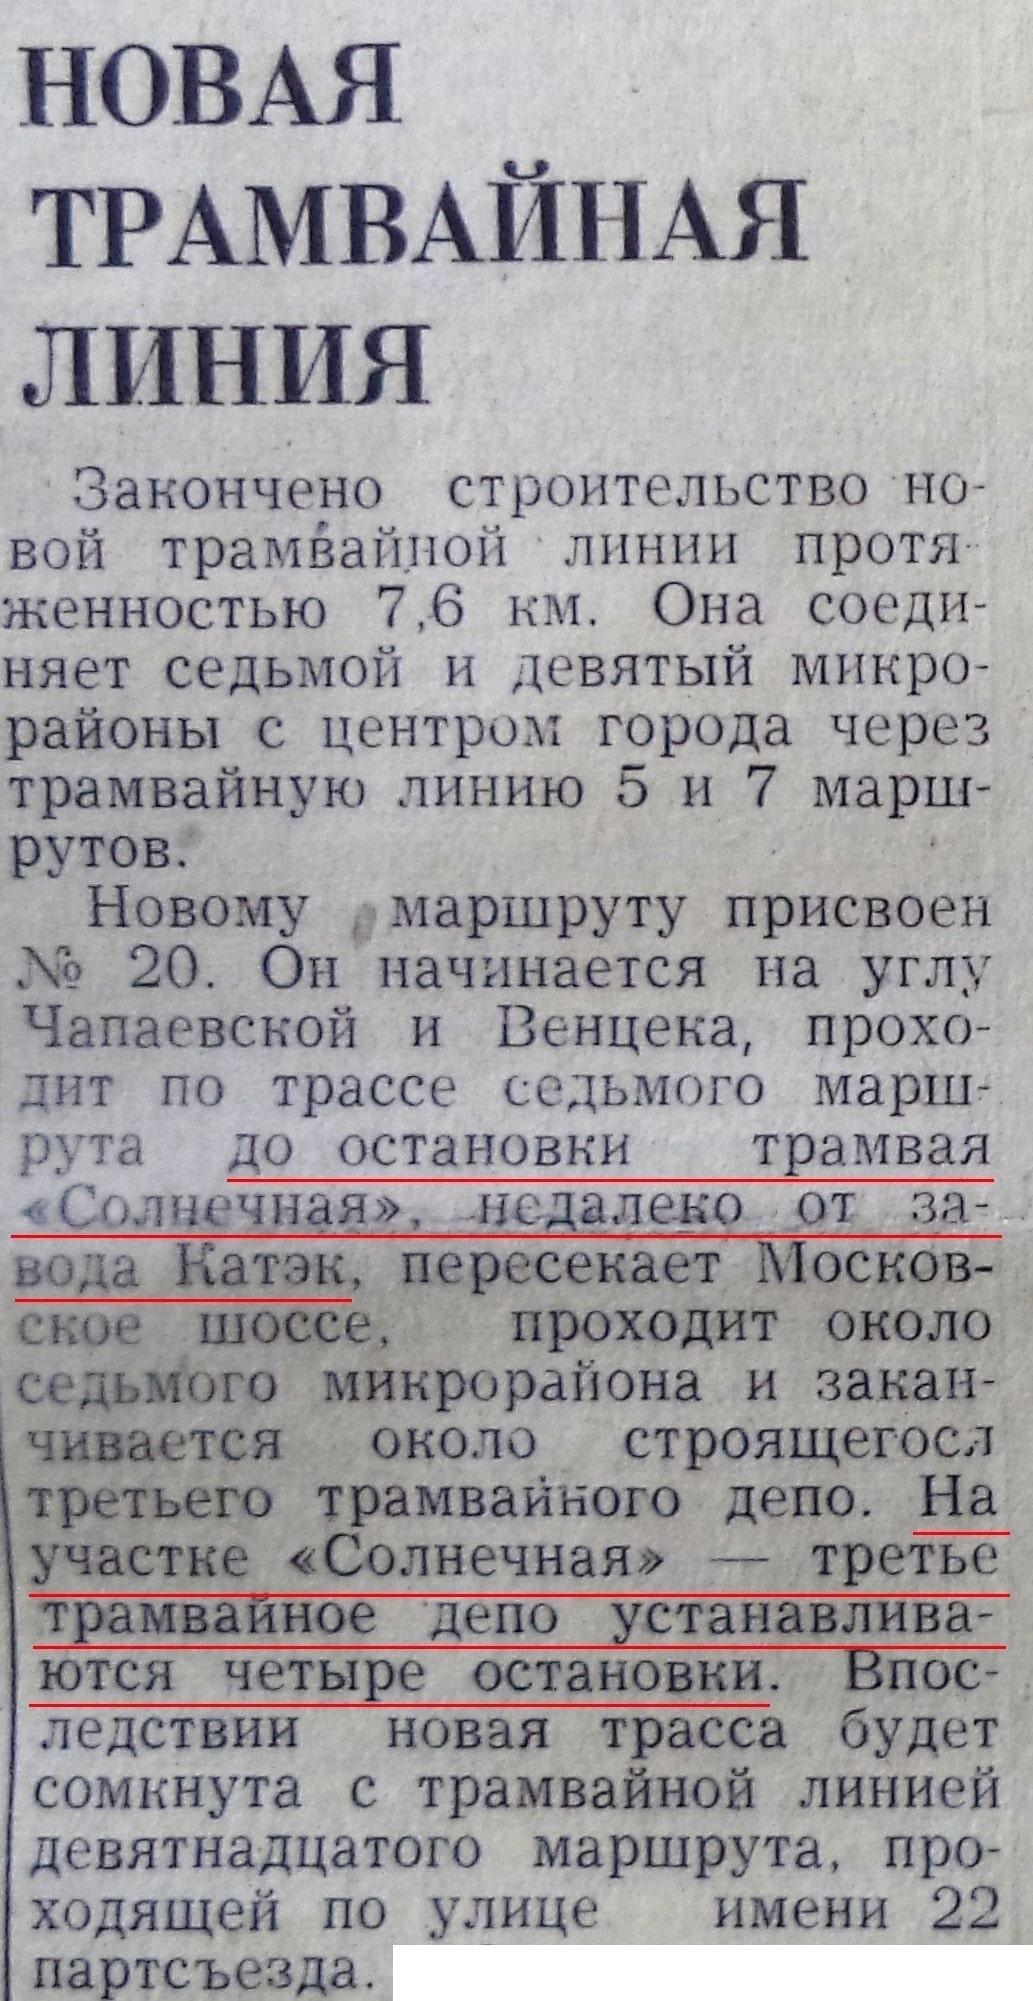 Солнечная-ФОТО-02-ЗРР-1969-03-14-пуск трамваев от НС до Фад